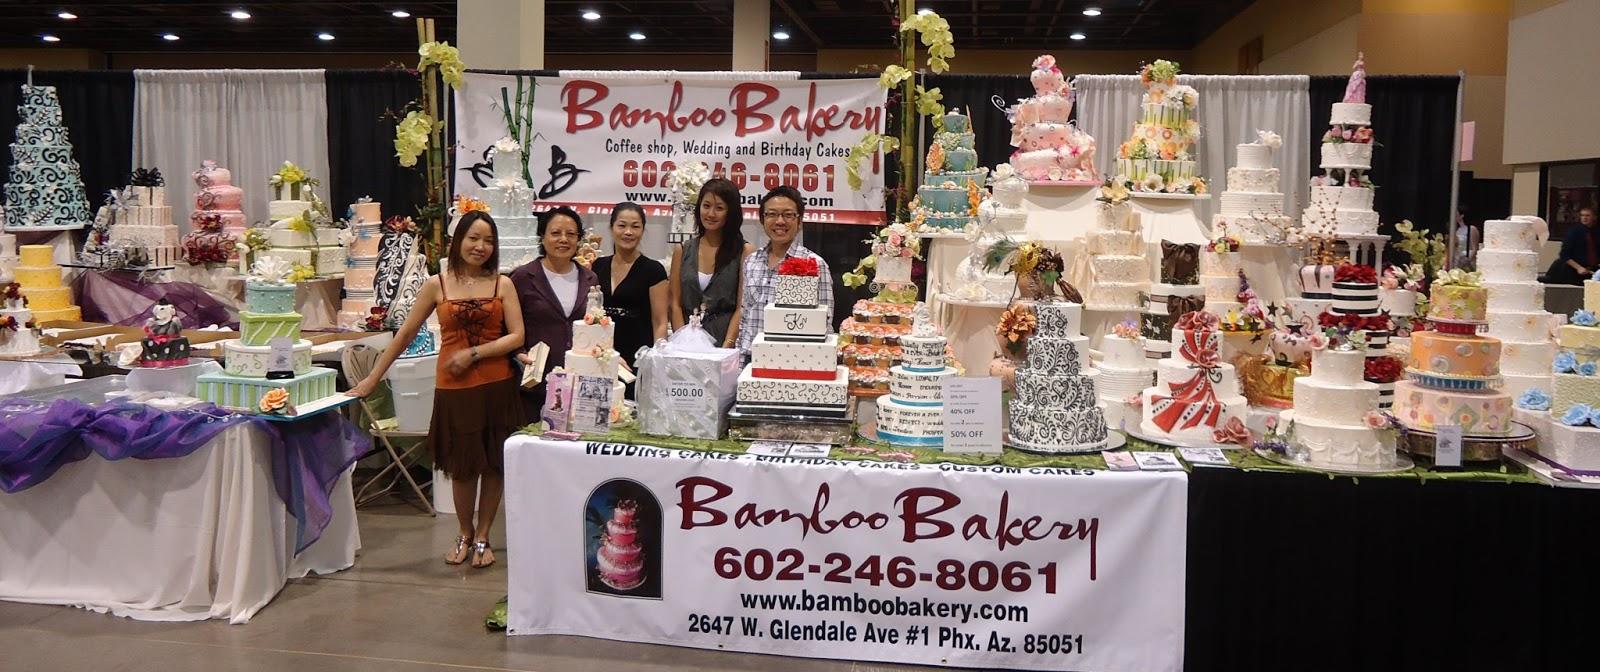 Bamboo Bakery 6022468061 Bamboo Bakery Bridal EXPO Thursday JULY